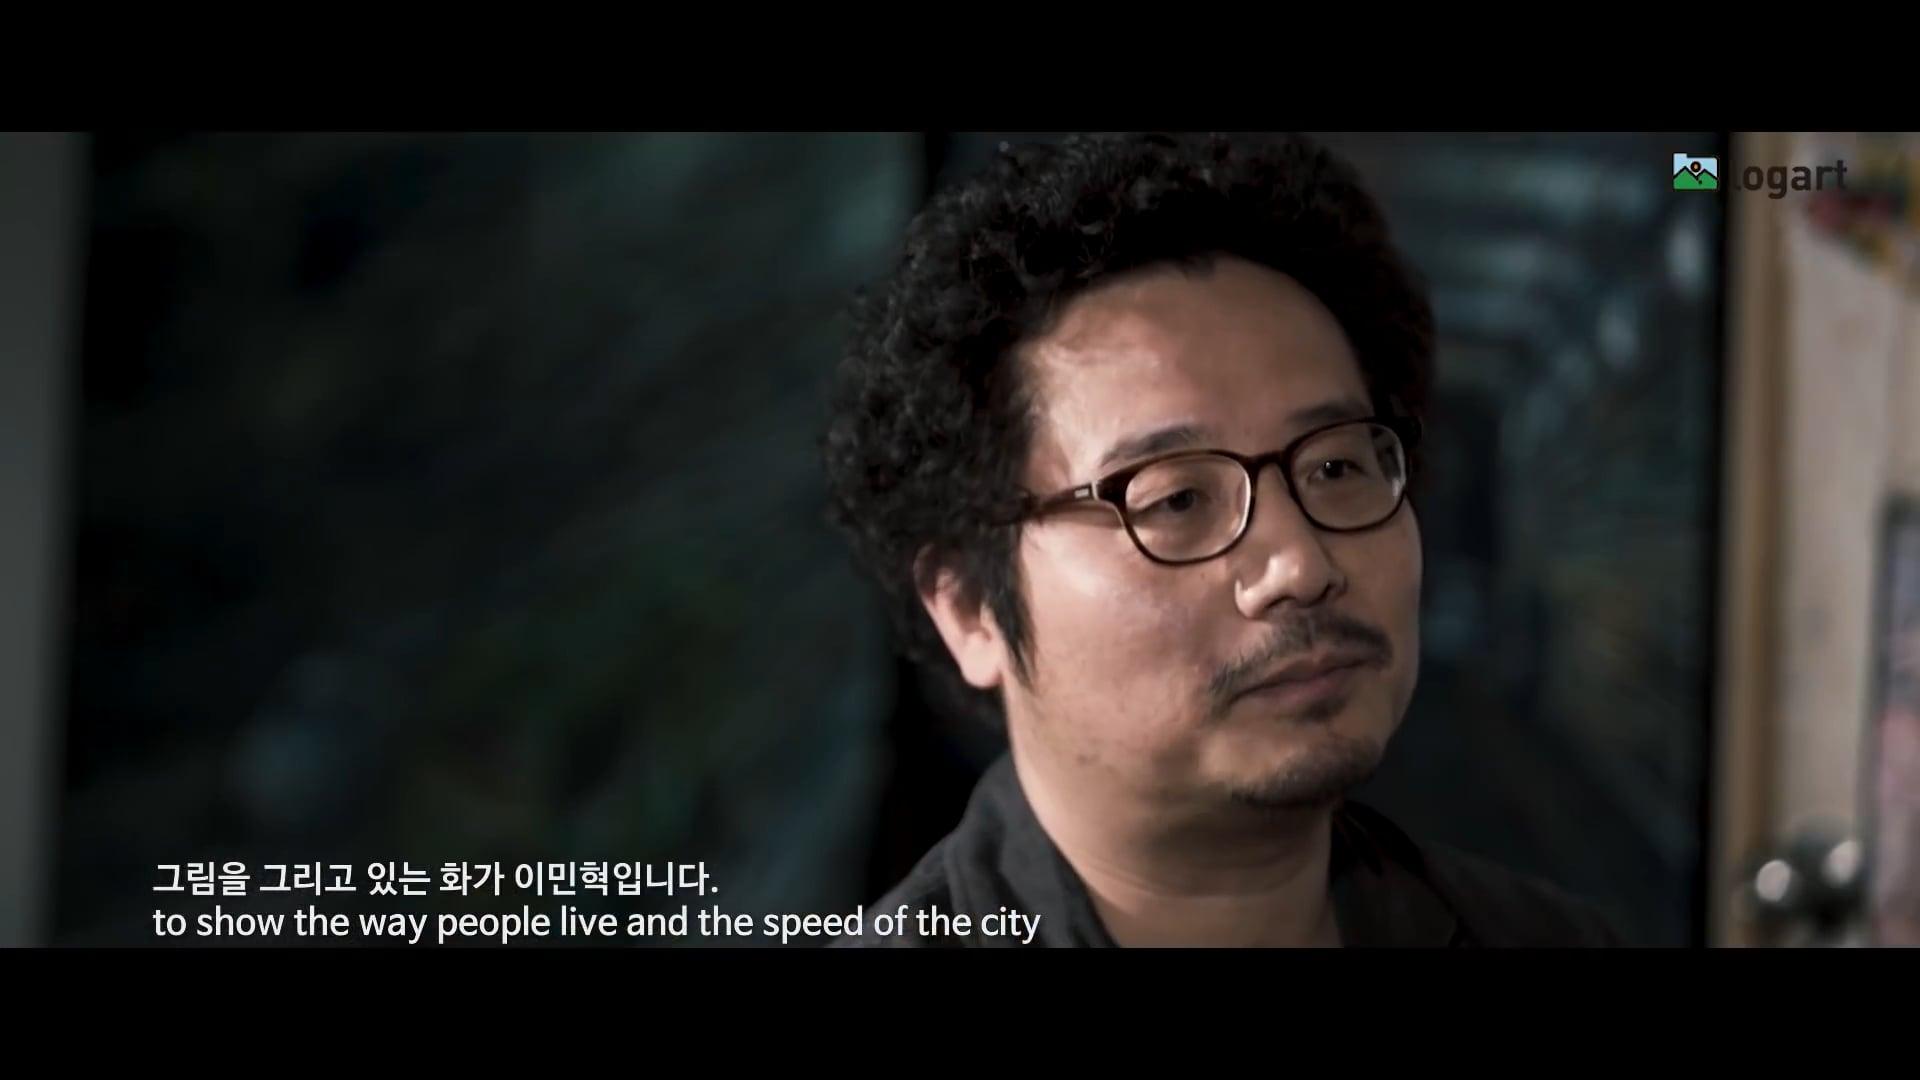 [logart 로그아트]화가 이민혁을 주목하라 + 작가인터뷰 + 작품설명 + 작품소개